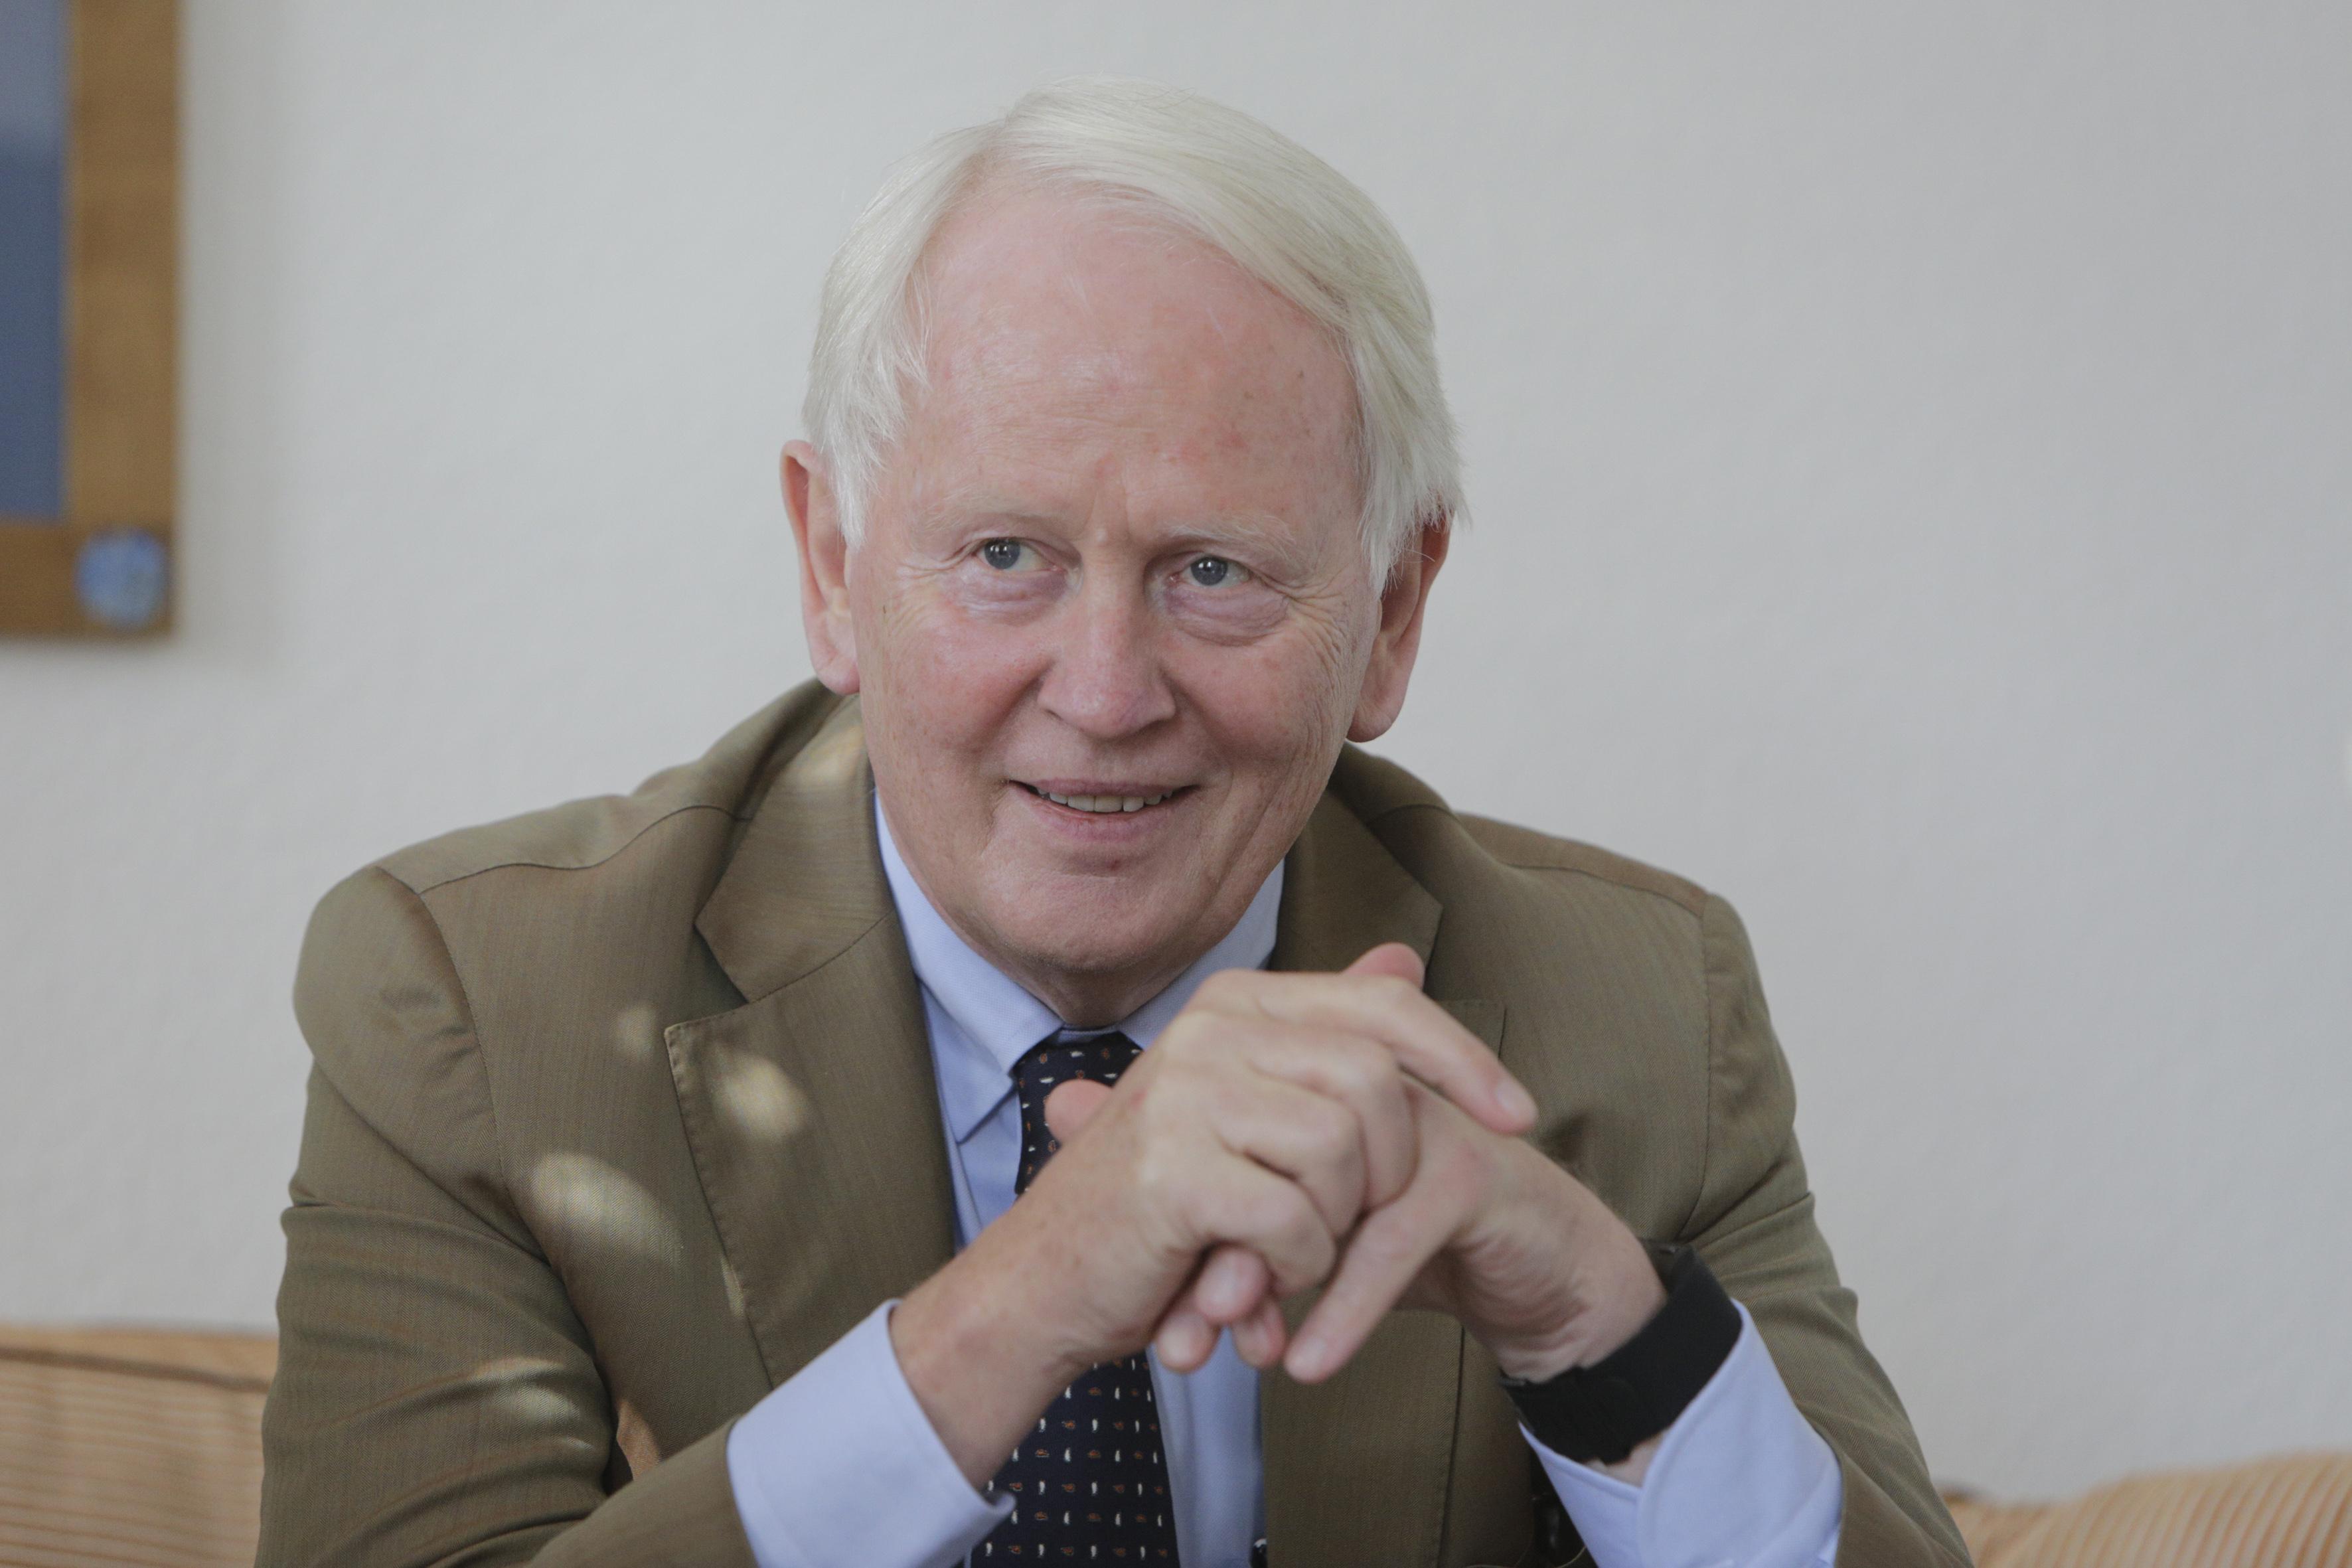 Werner M. Bahlsen (©Jens Schicke)